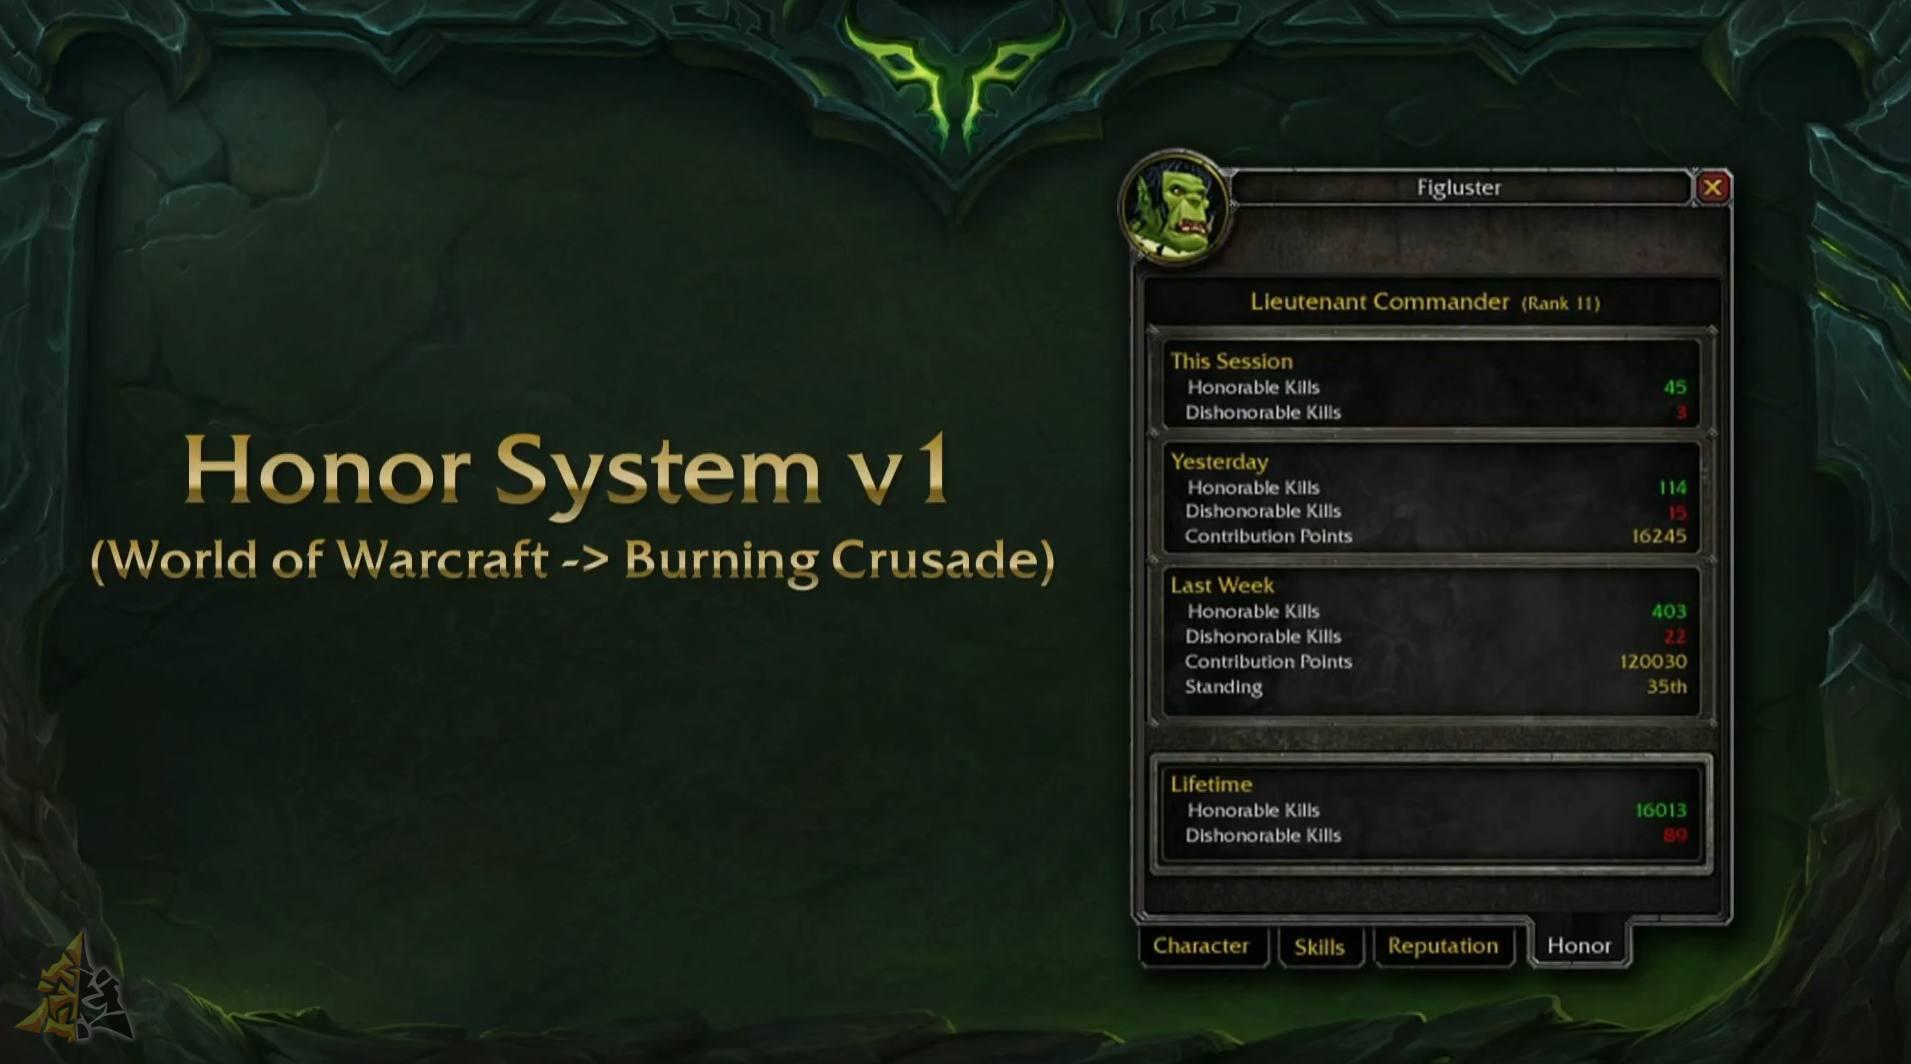 Todo sobre el JcJ en World of Warcraft: Legion hasta ahora